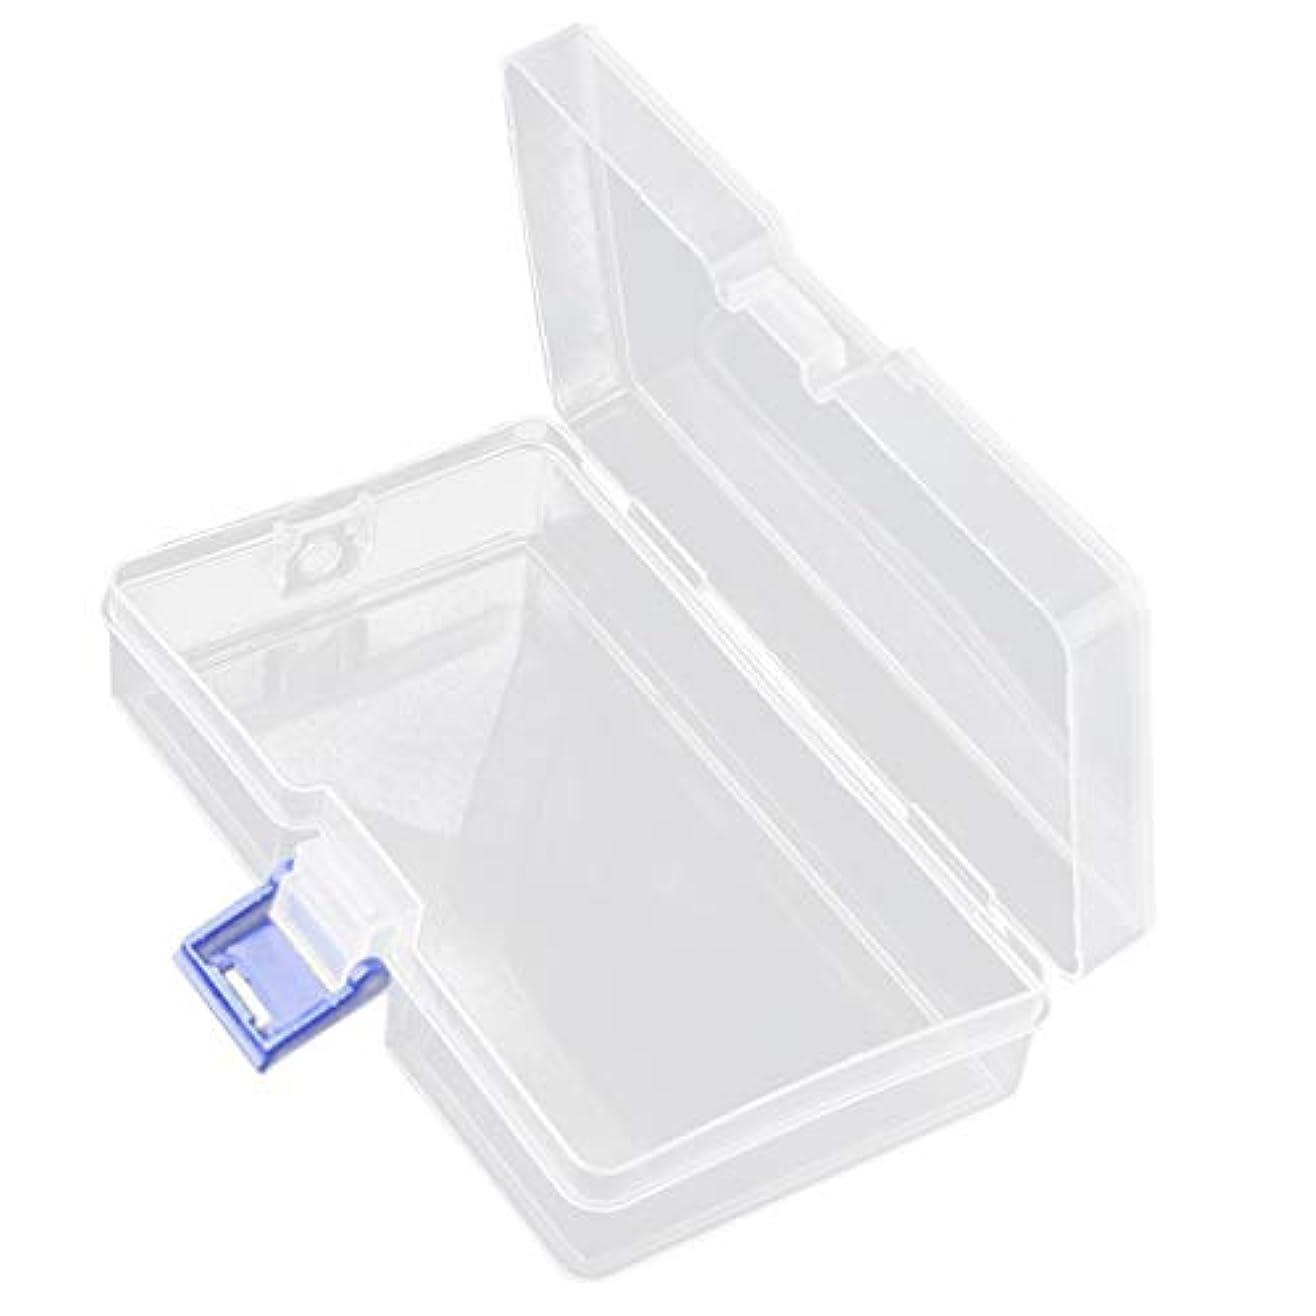 魔法方言クリームInjoyo パーツケース パーツ 収納ボックス 釣り フック 小物 アクセサリー 収納 透明ボックス 雑貨入れ